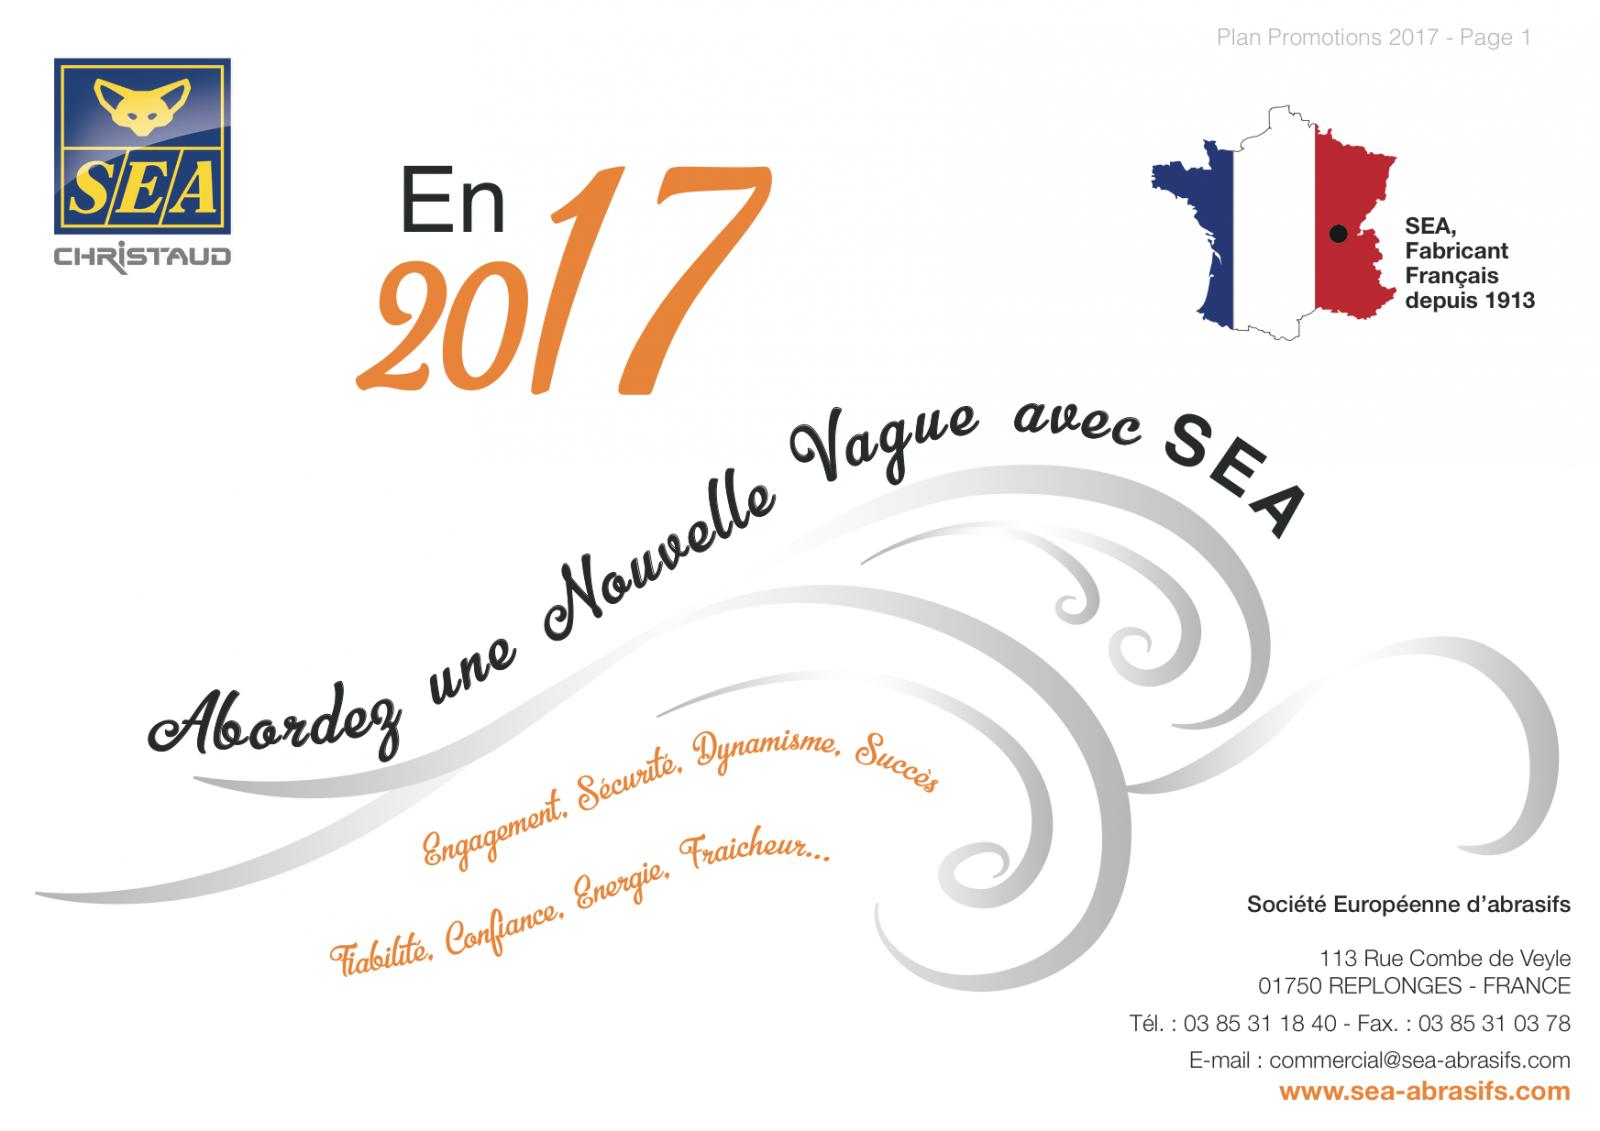 PROMOTION DU 15 SEPTEMBRE AU 15 DÉCEMBRE 2017 : SEA MAINTIENT LE RYTHME !